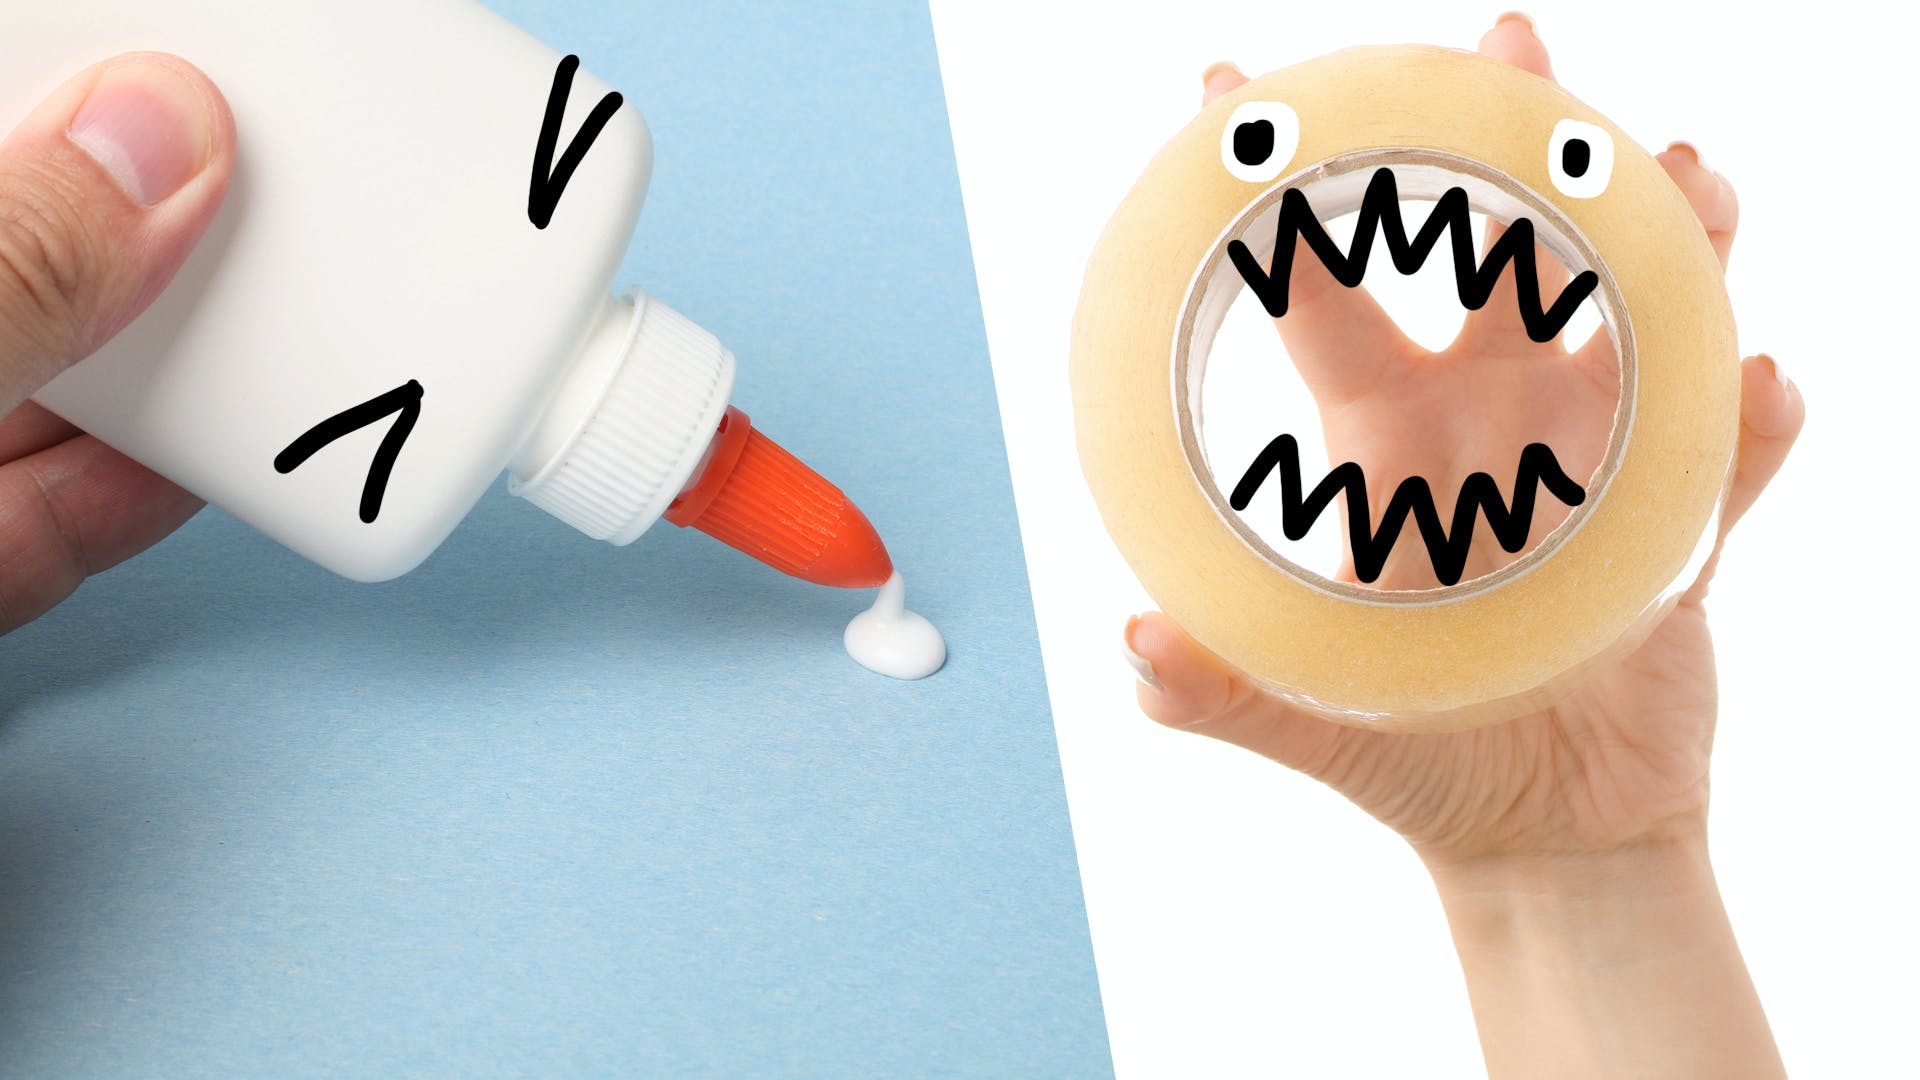 glue vs sellotape - who will win?